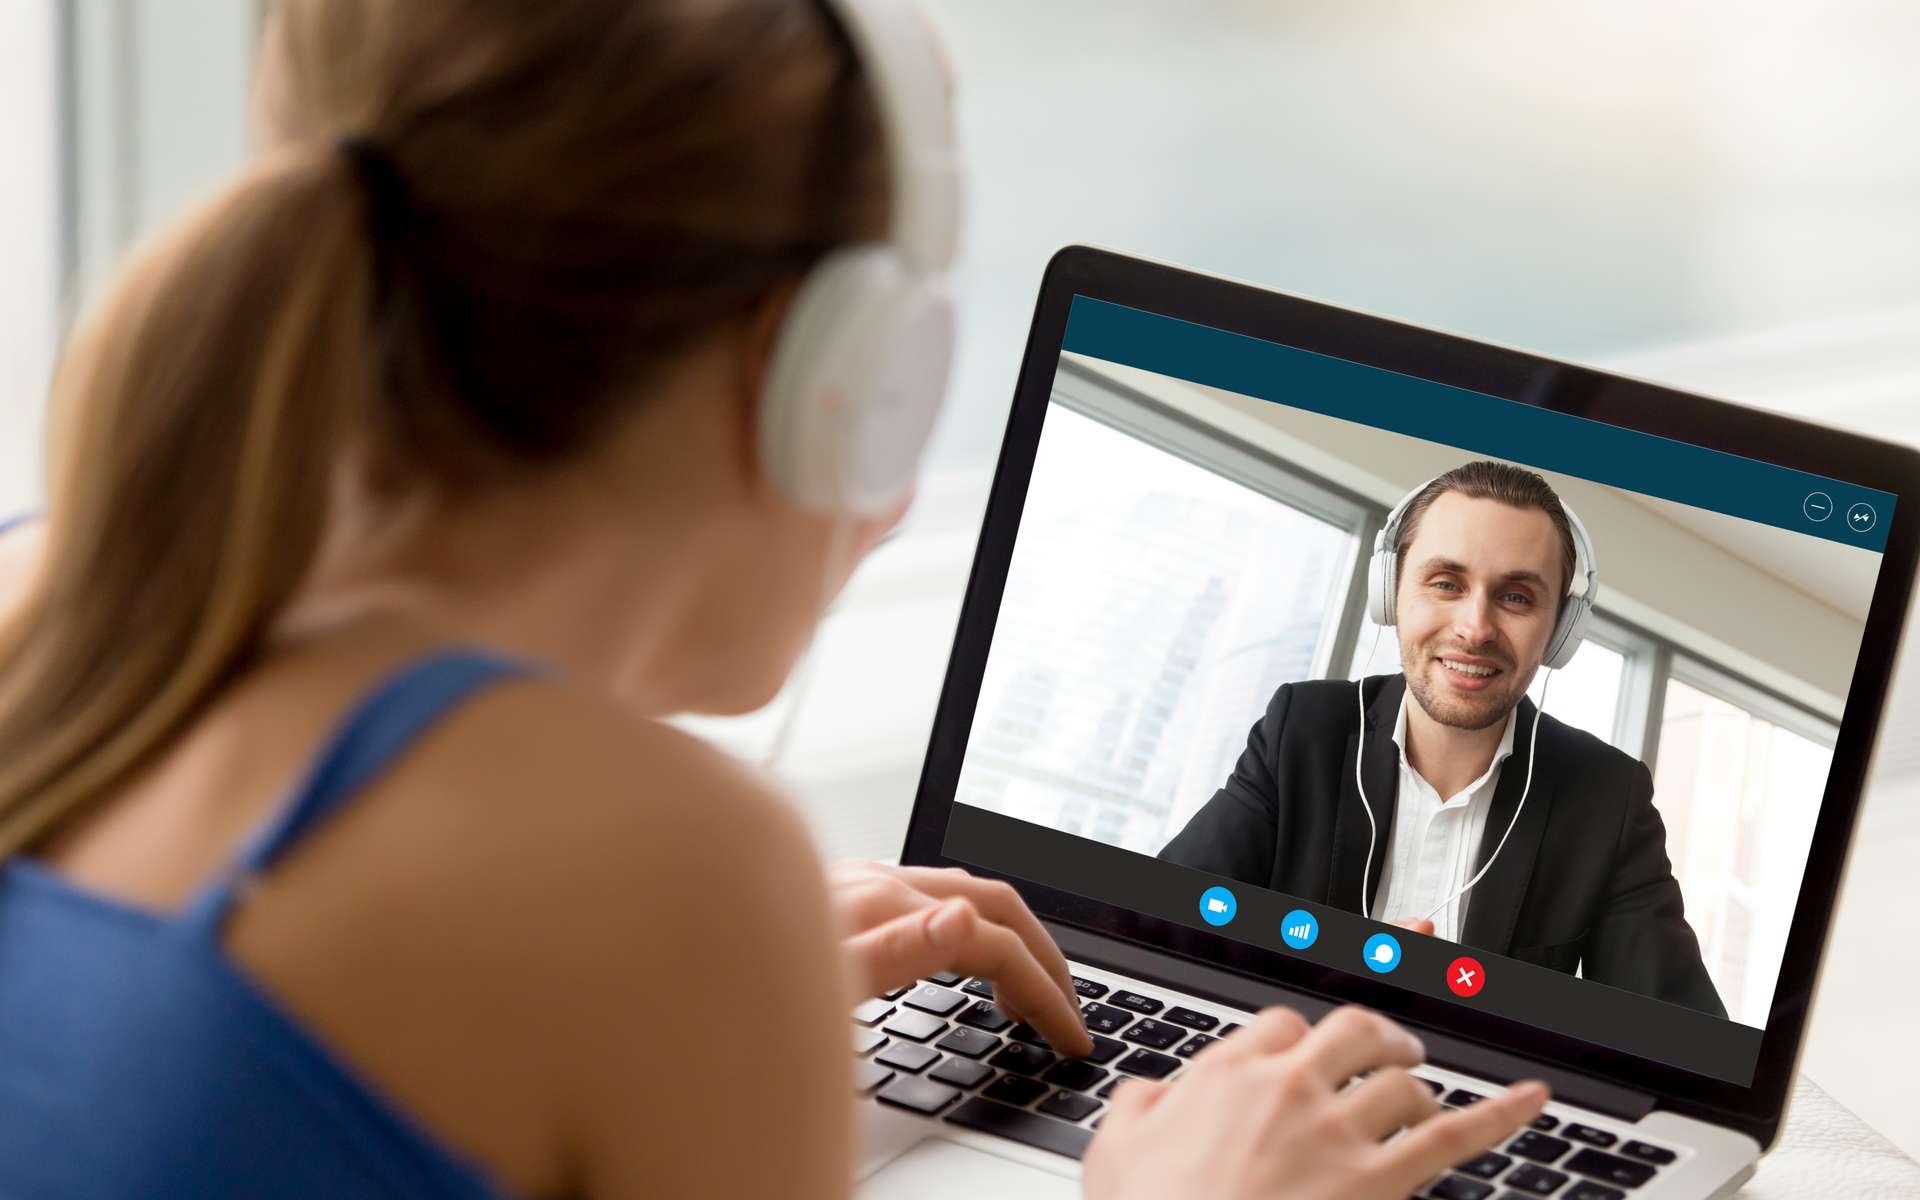 La web-conférence est le moyen le plus simple et le plus utilisé pour organiser des réunions avec ses collègues en période de confinement. © fizkes, Adobe Stock